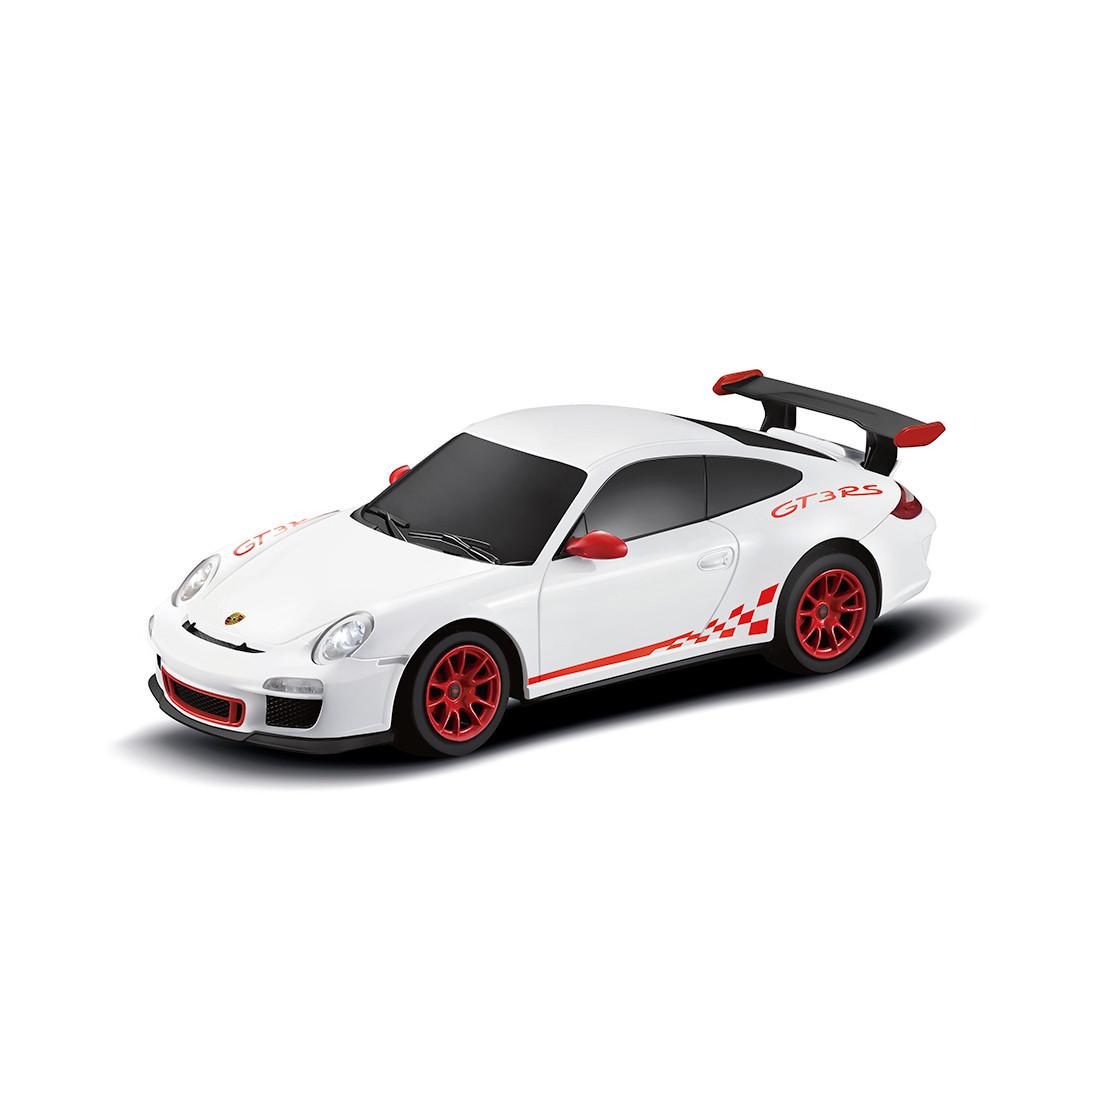 Радиоуправляемая модель автомобиль Rastar Porsche GT3 RS, 1:24, Управление: Джойстик, Материал: Пластик, Цвет: